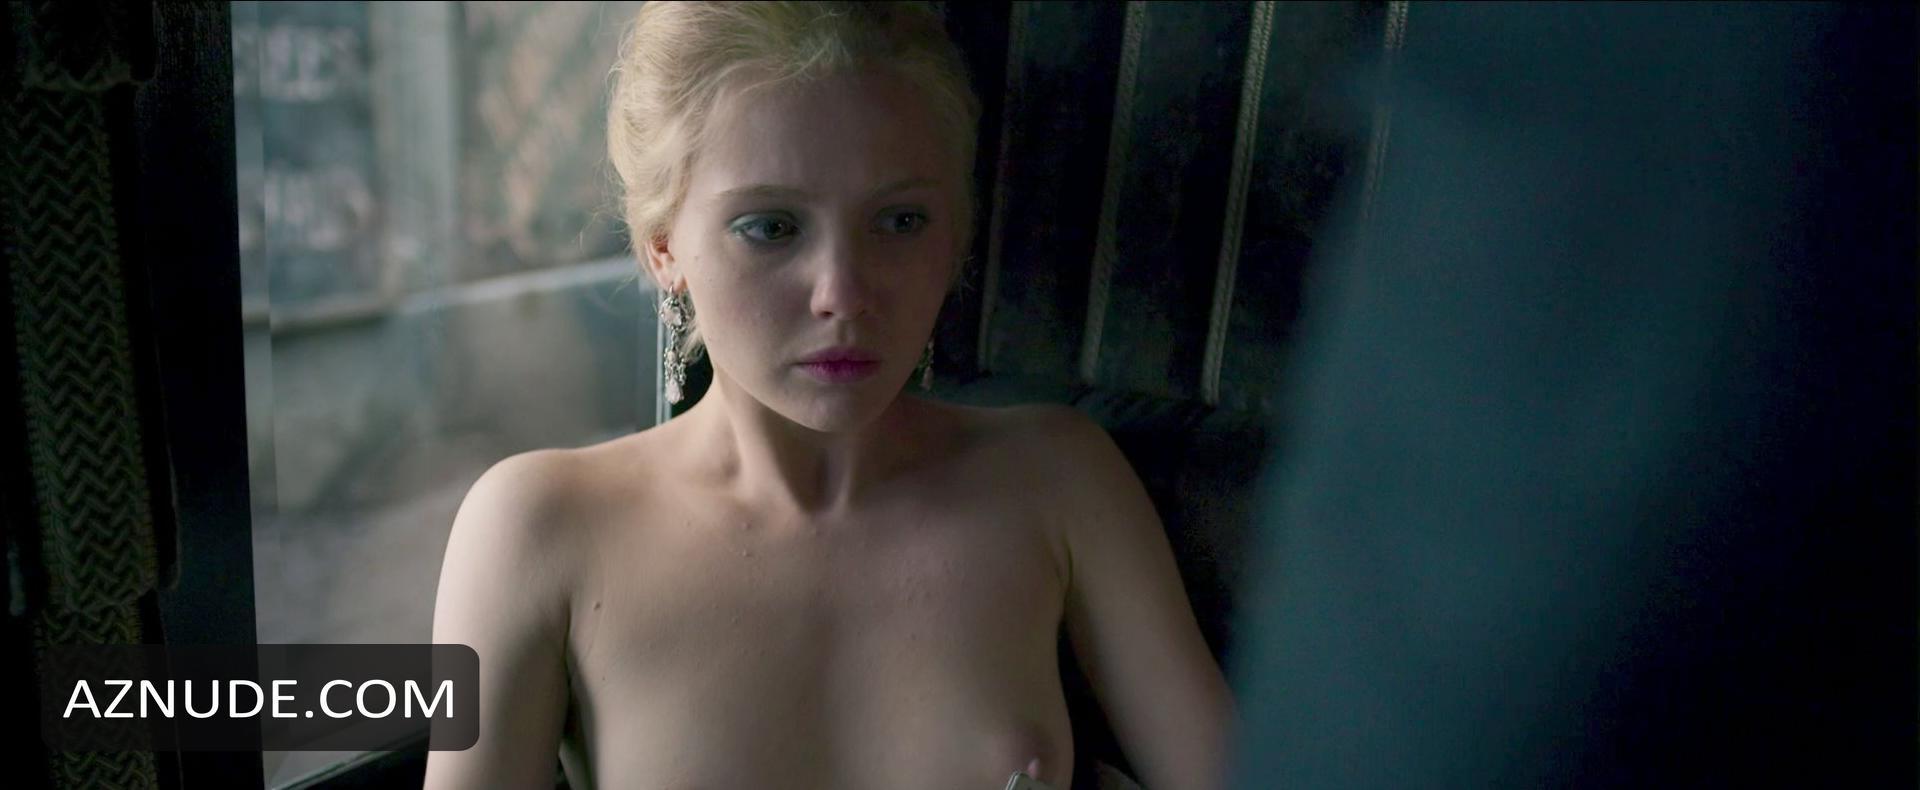 The Duelist Nude Scenes - Aznude-7562